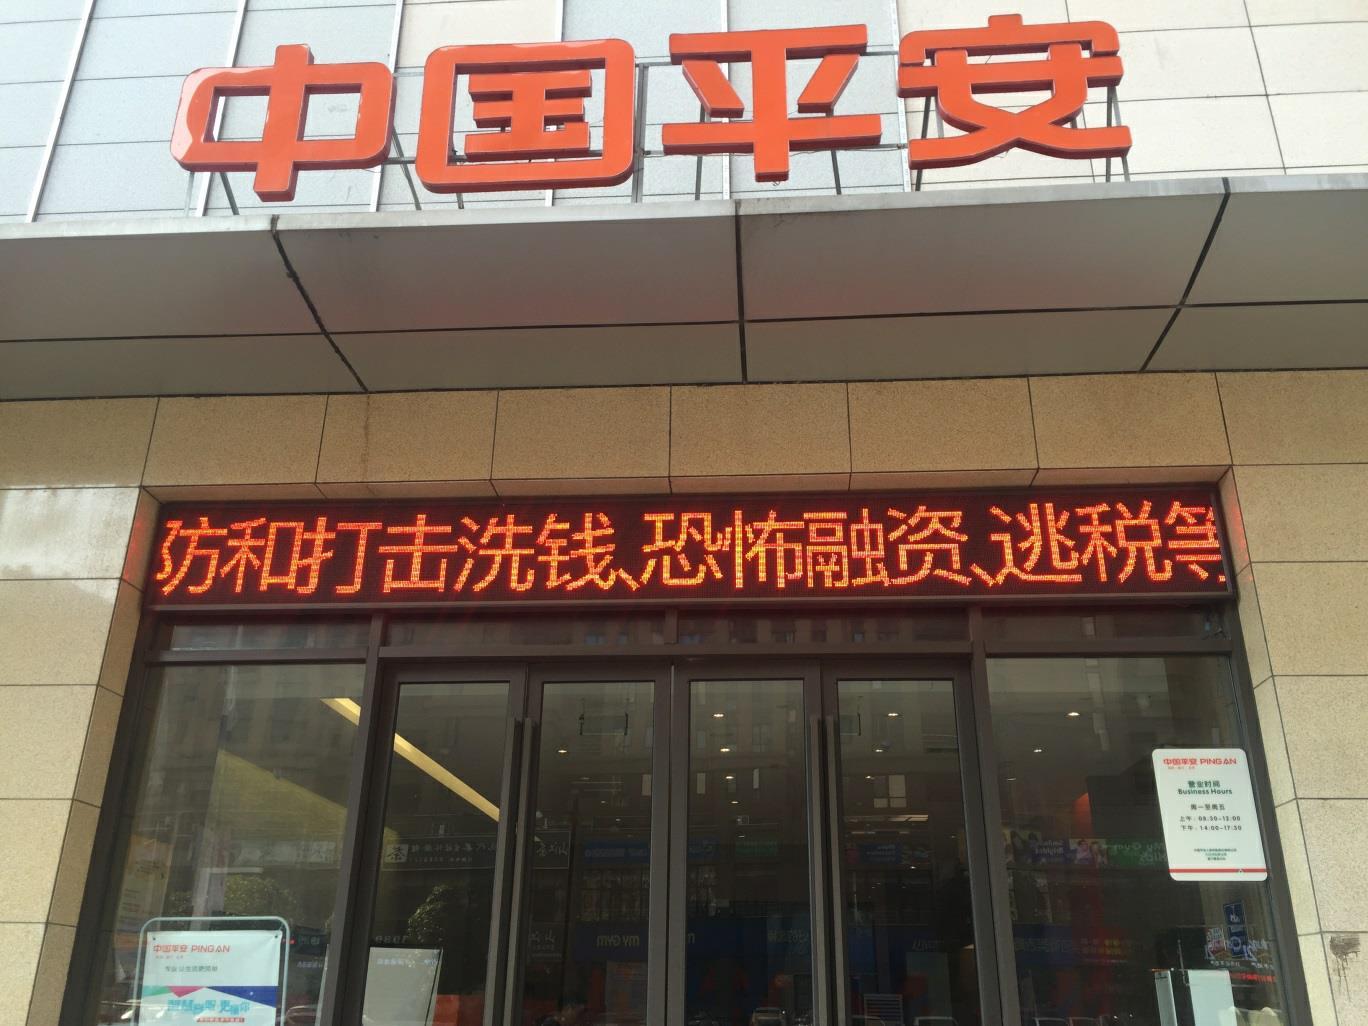 反洗钱 我们共同的责任——平安人寿江西分公司积极开展 2018年反洗钱宣传工作